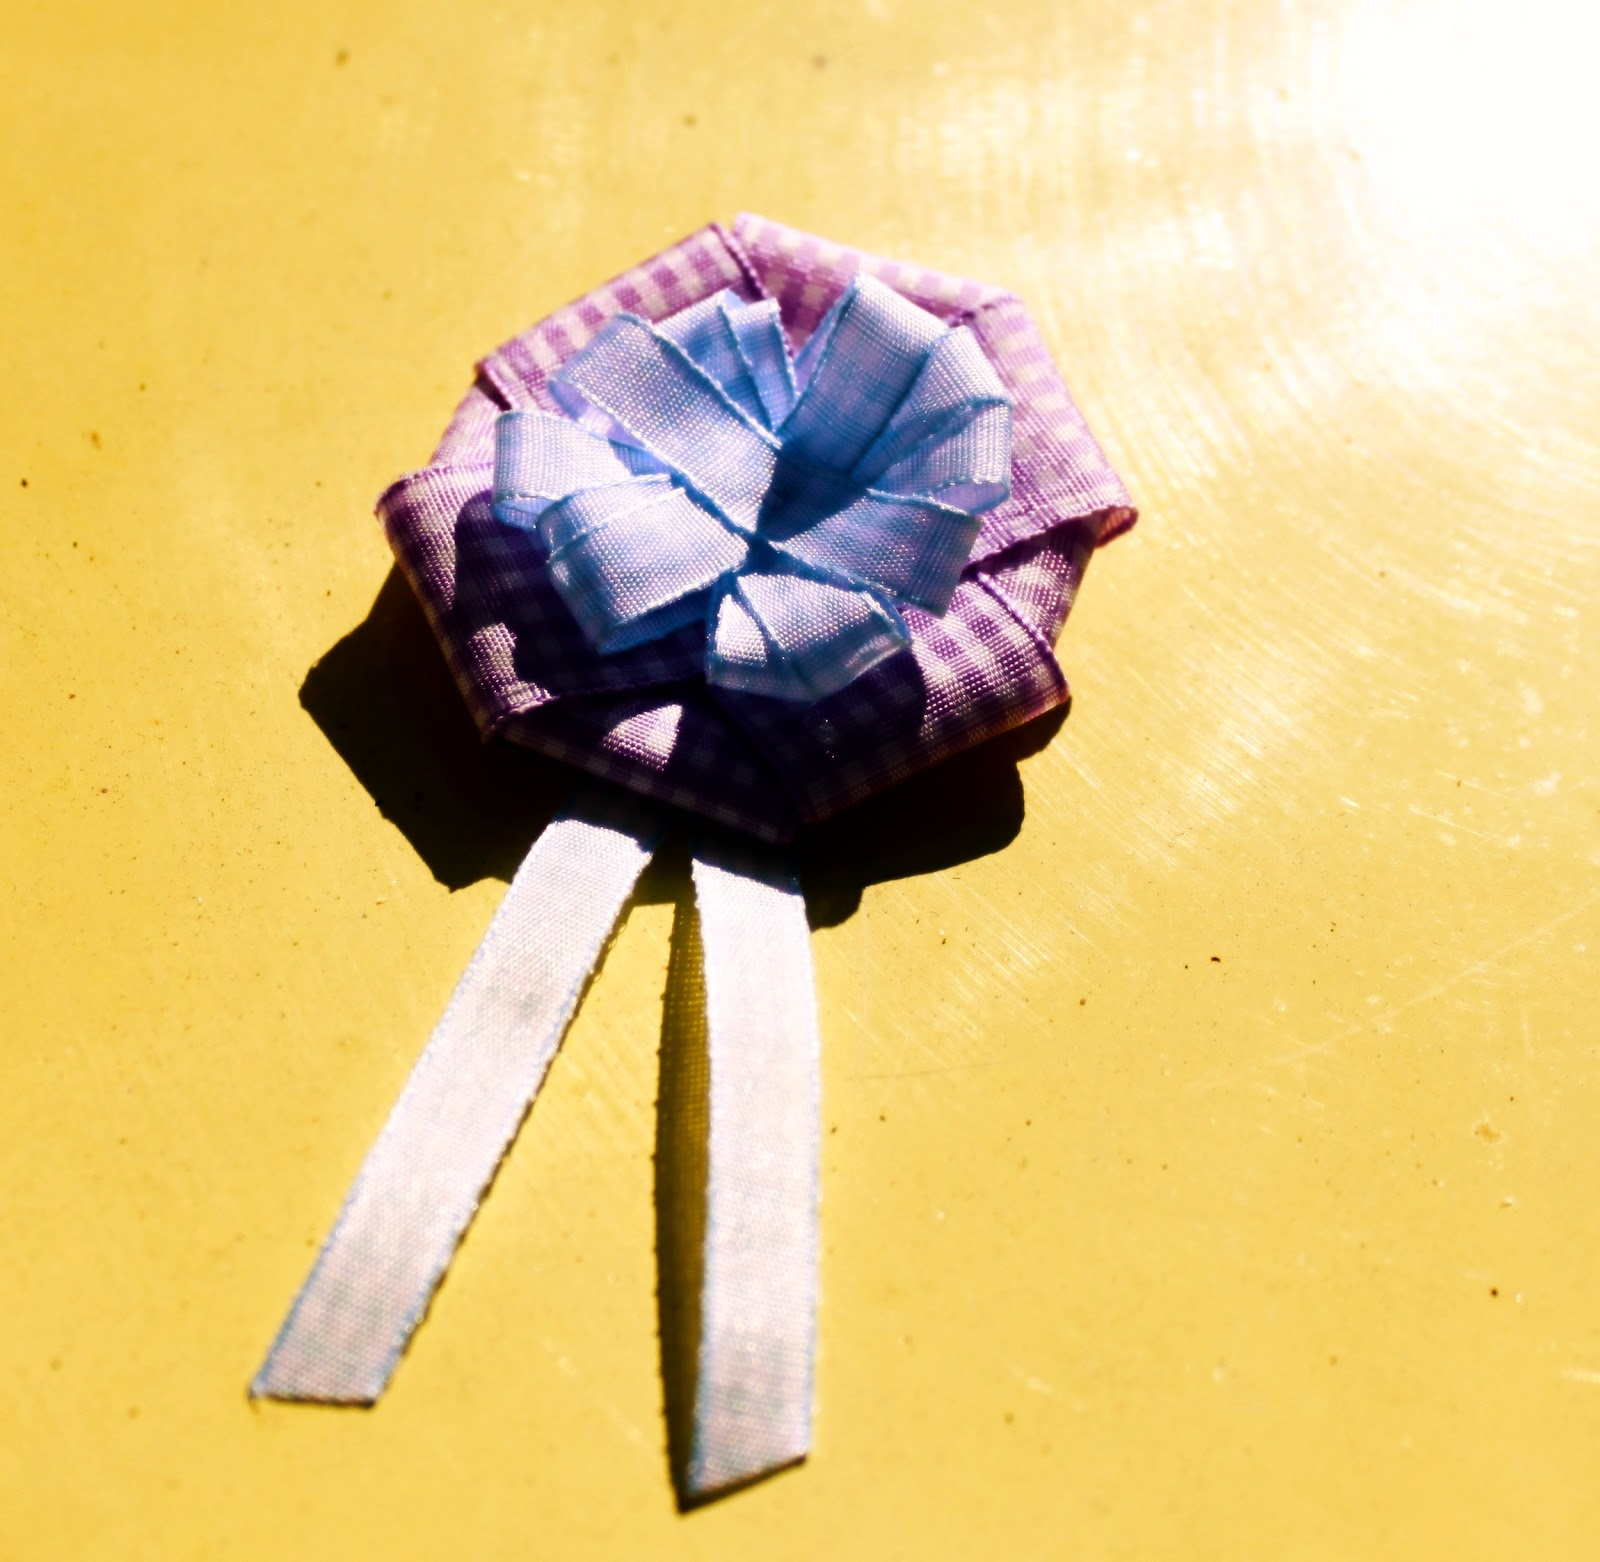 Schmuck basteln romantische broschen selber machen for Romantische geschenke selber machen